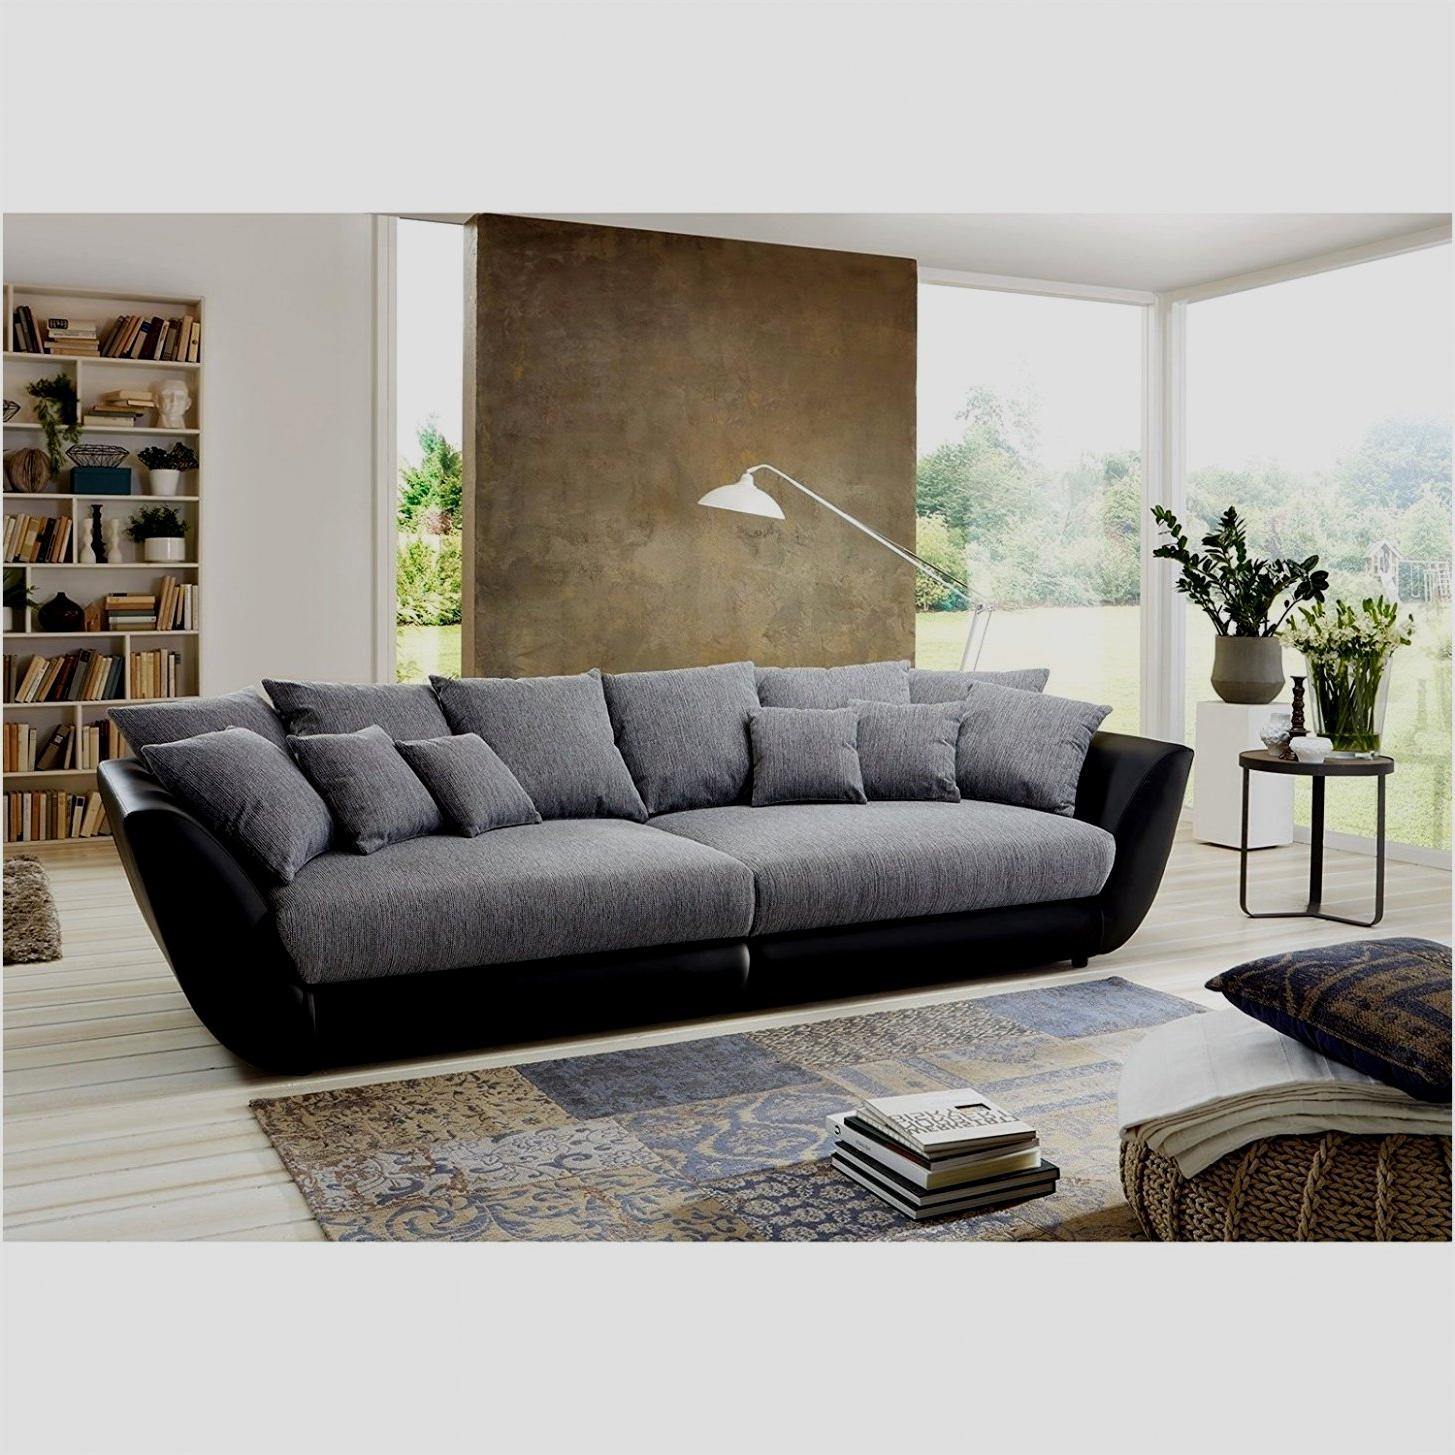 Sofas De Ocasion U3dh sofas De Ocasion Bello Big sofa Halbrund Einzigartig